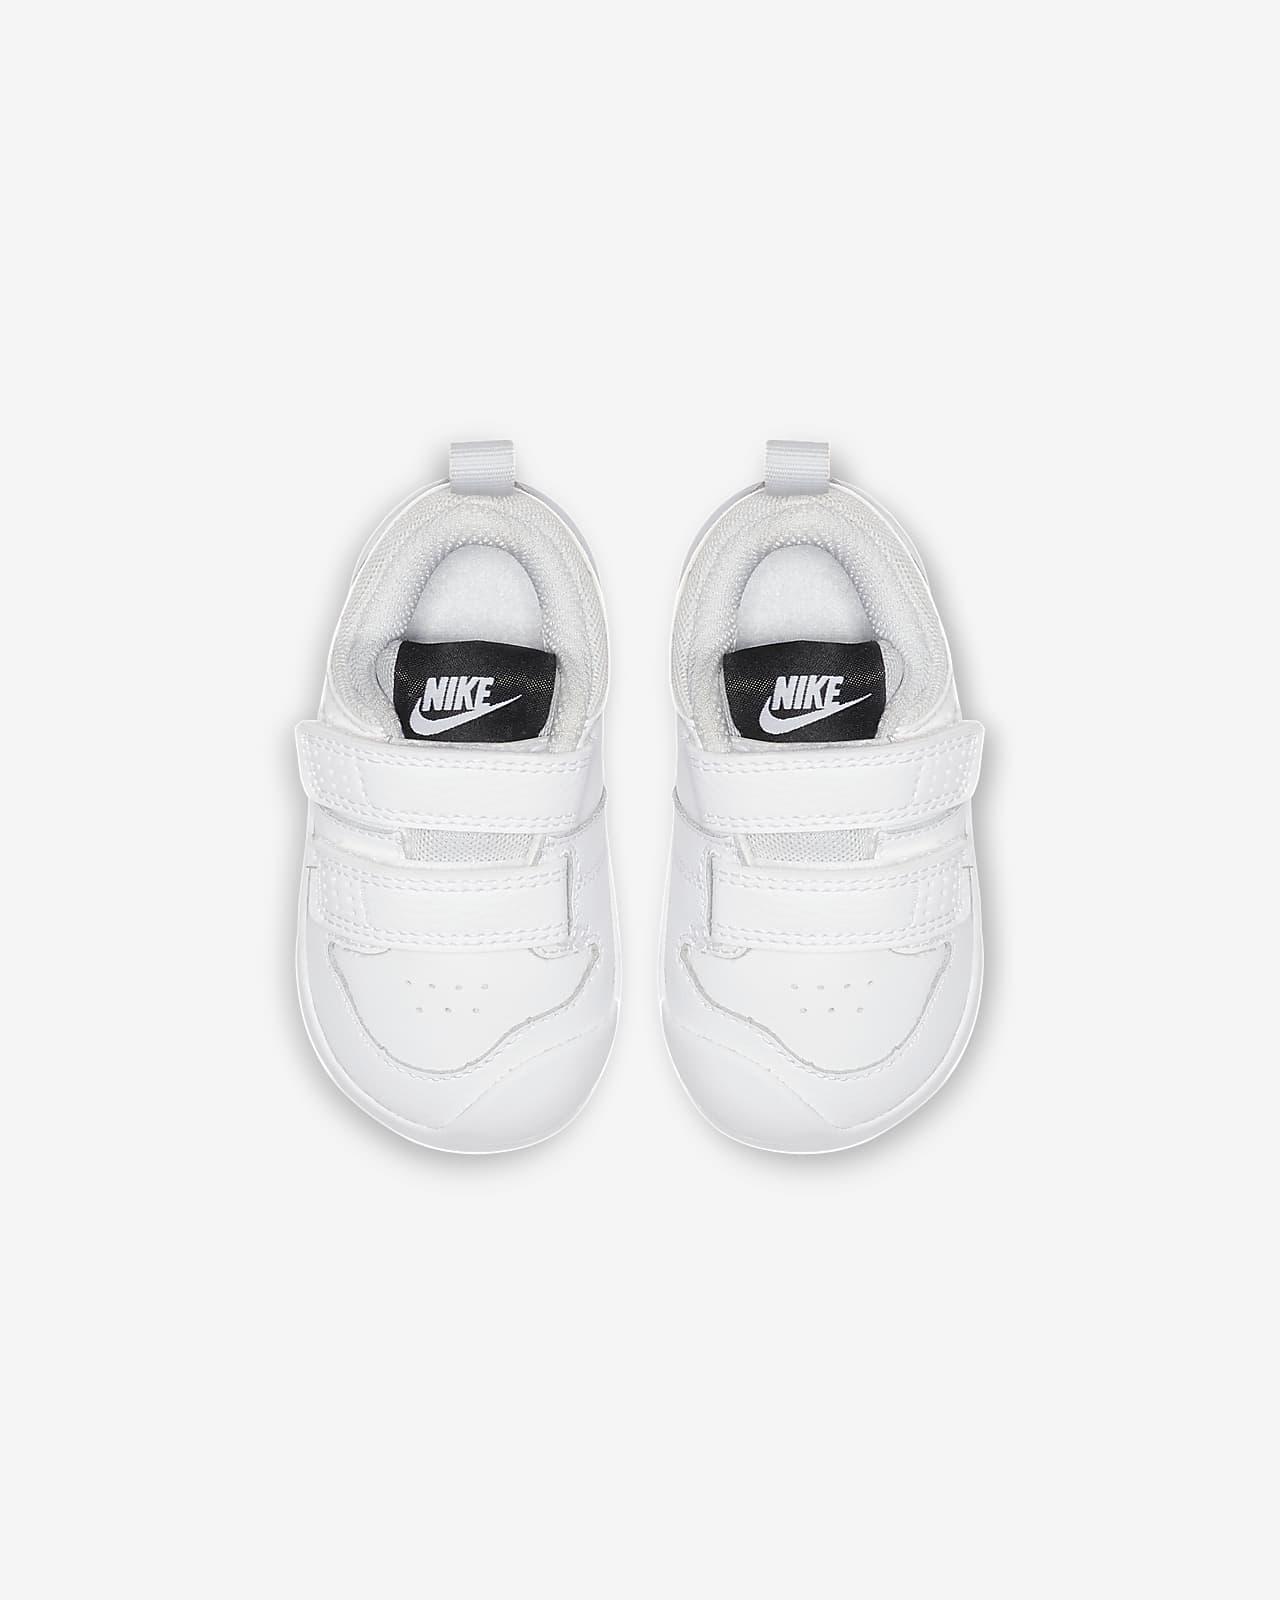 Nike Pico 5 Baby \u0026amp; Toddler Shoe